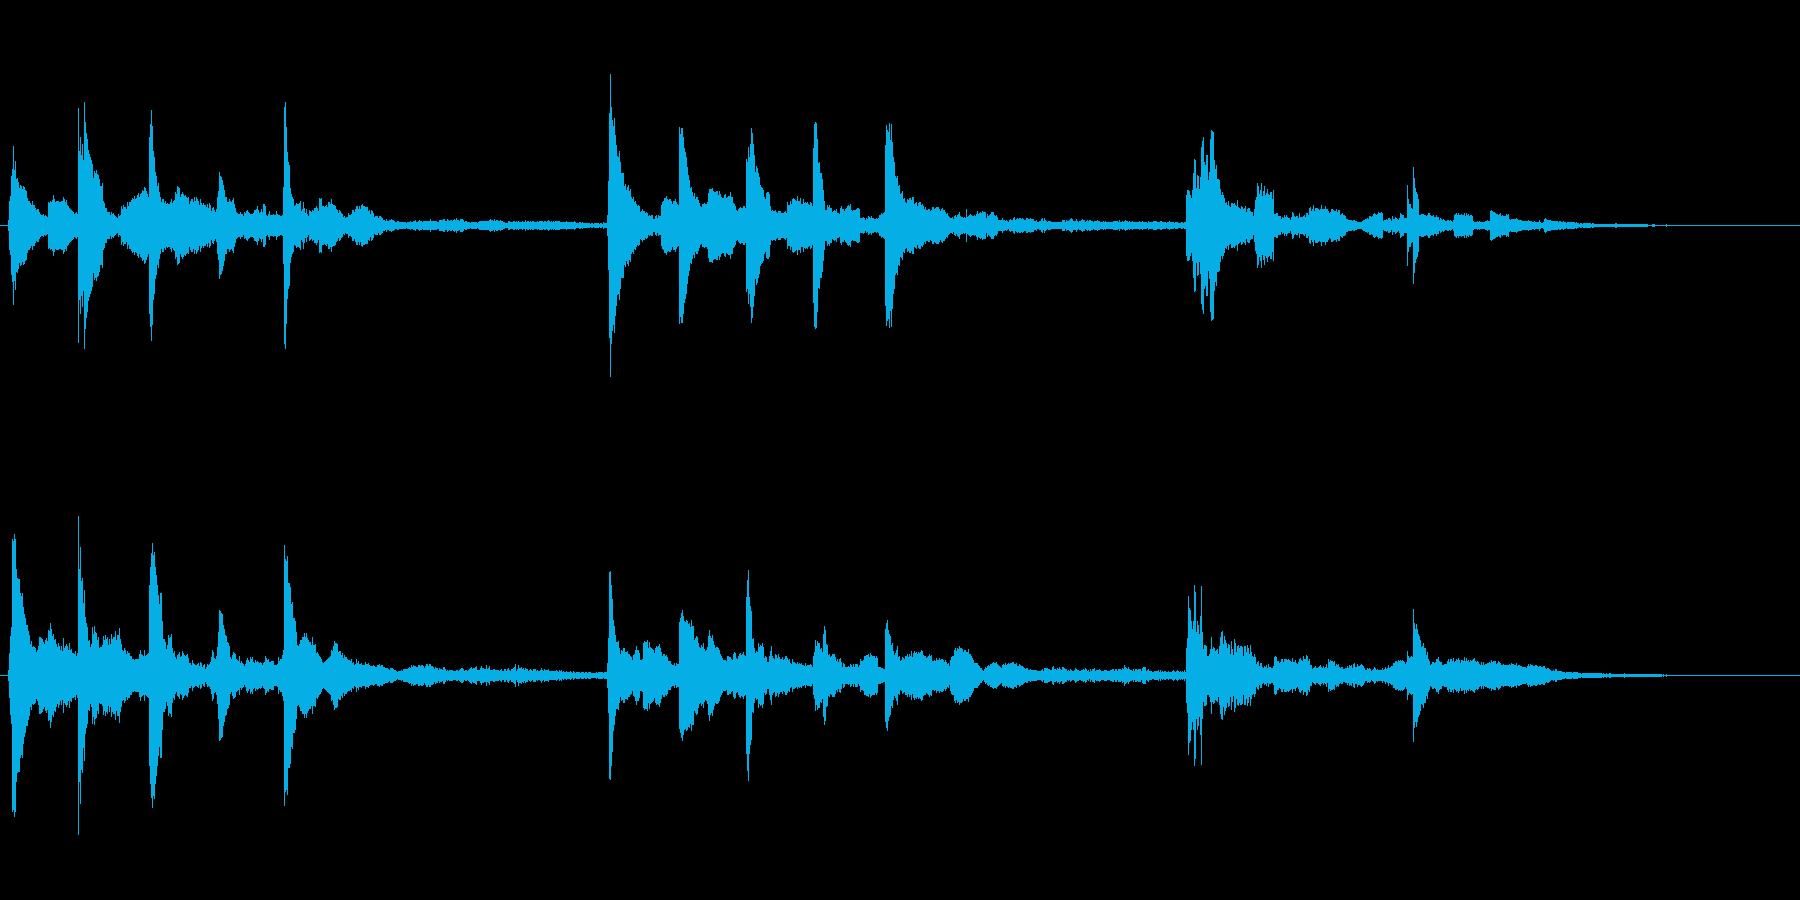 星の世界 透明感のあるファンタジーな音の再生済みの波形